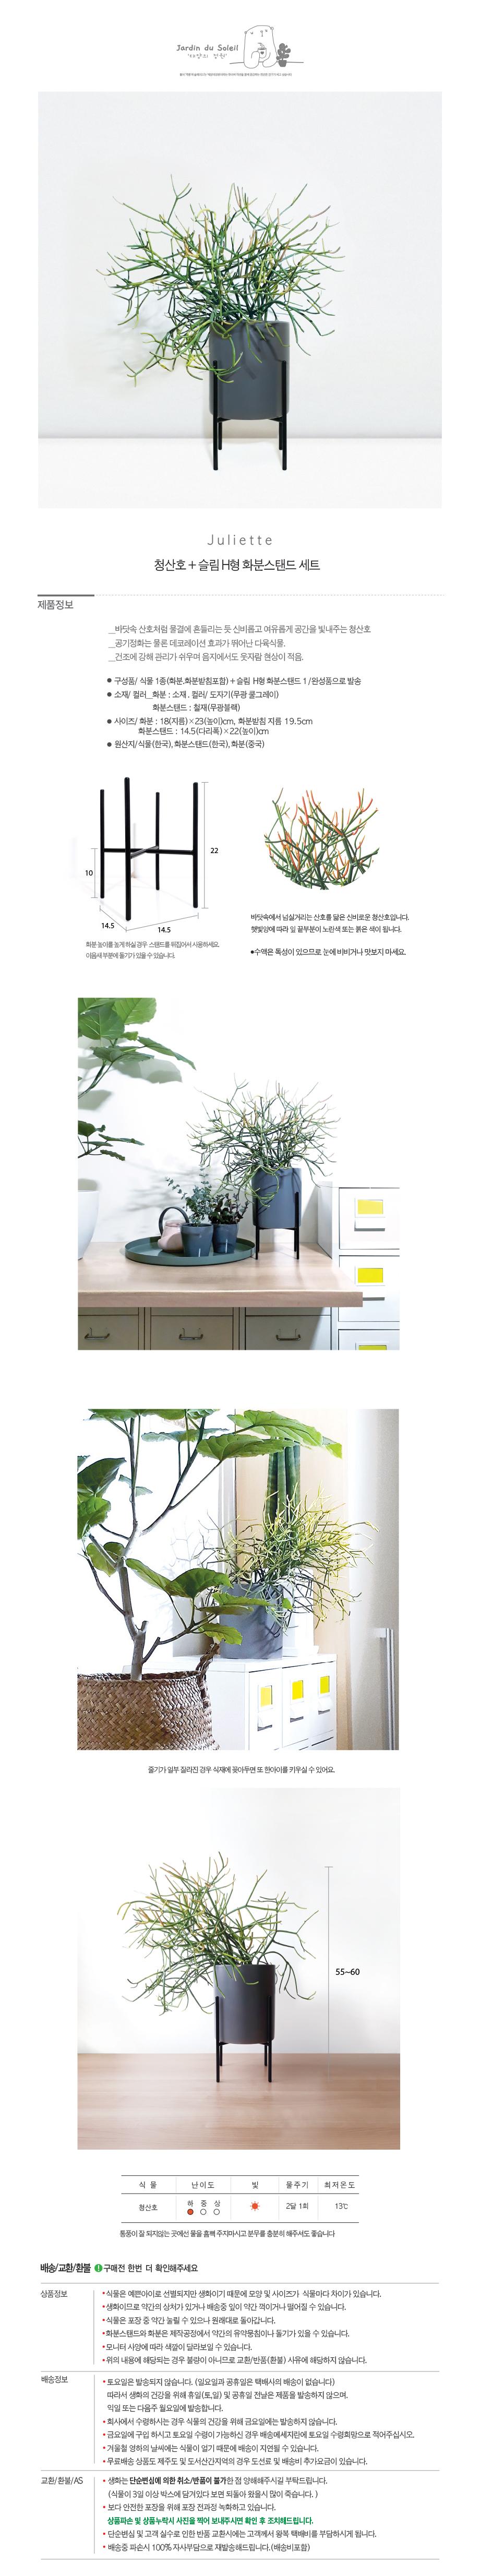 줄리엣-청산호+슬림 H형 화분스탠드 - 태양의 정원, 120,000원, 허브/다육/선인장, 공기정화식물